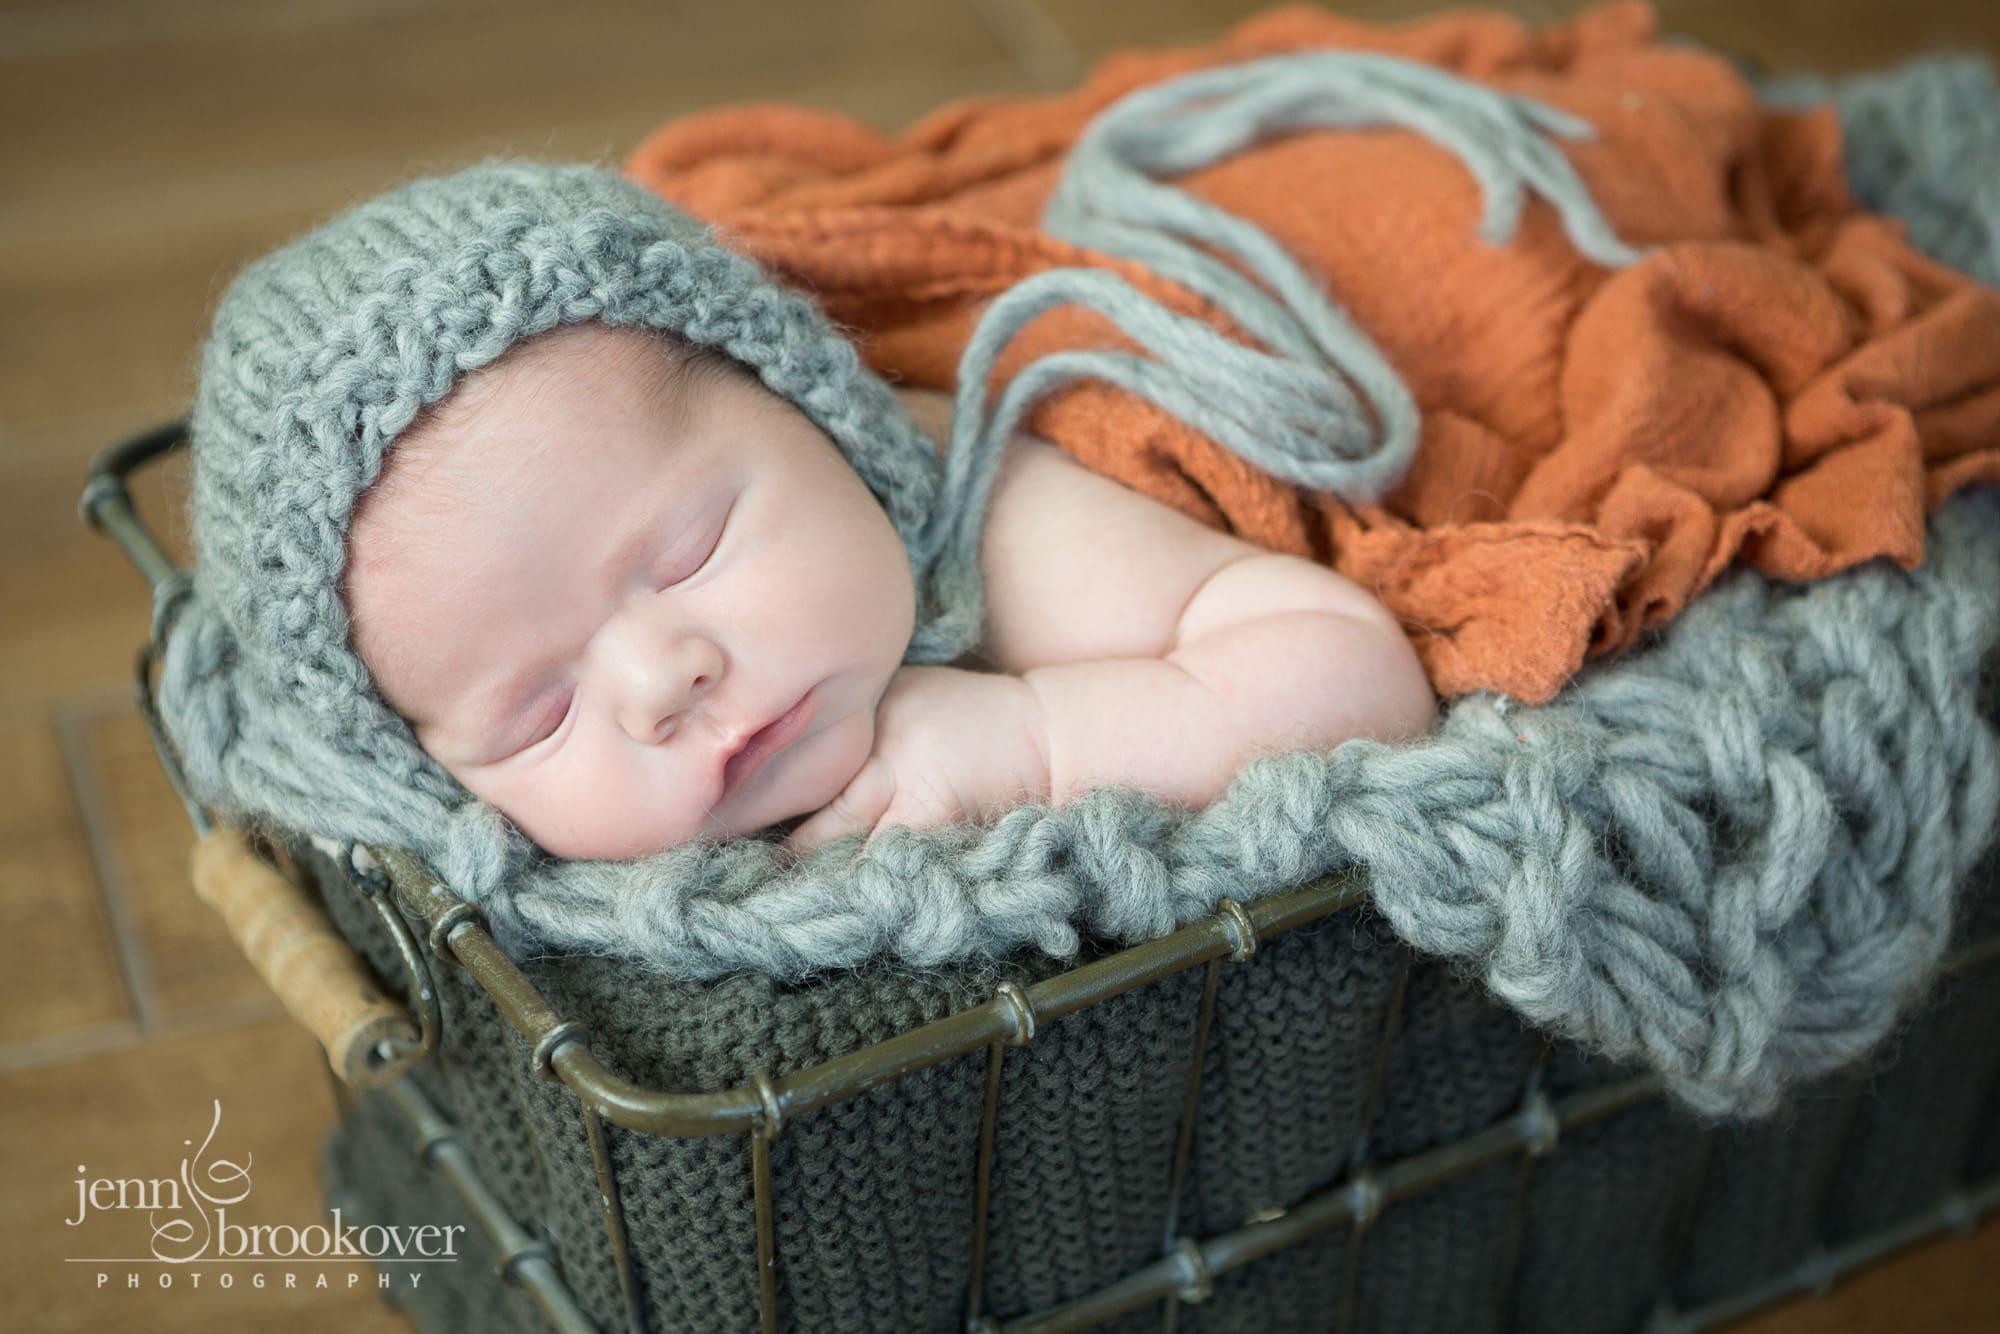 newborn boy in gray bonnet on knitted blanket